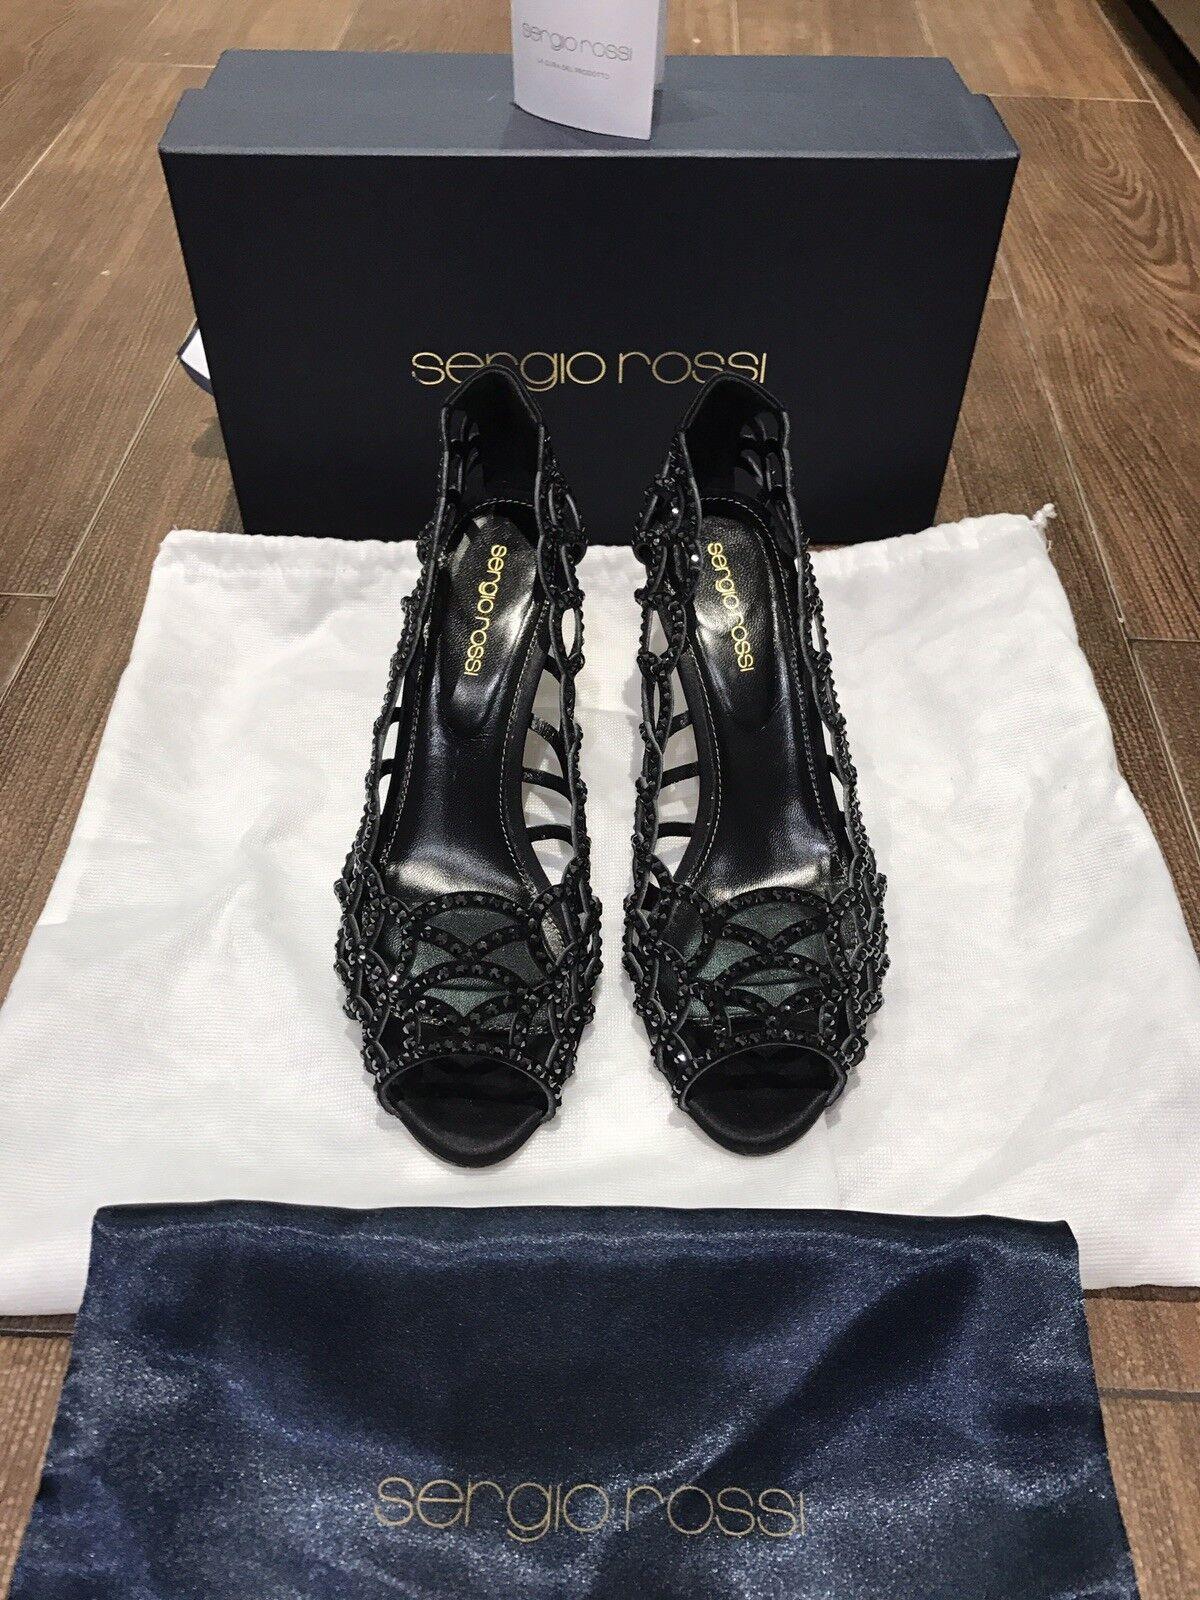 Hermosa 100% Auténtico Sergio Rossi recorte recorte recorte de cristal de Swarovski negro Tacones Talla 7.5  compra limitada